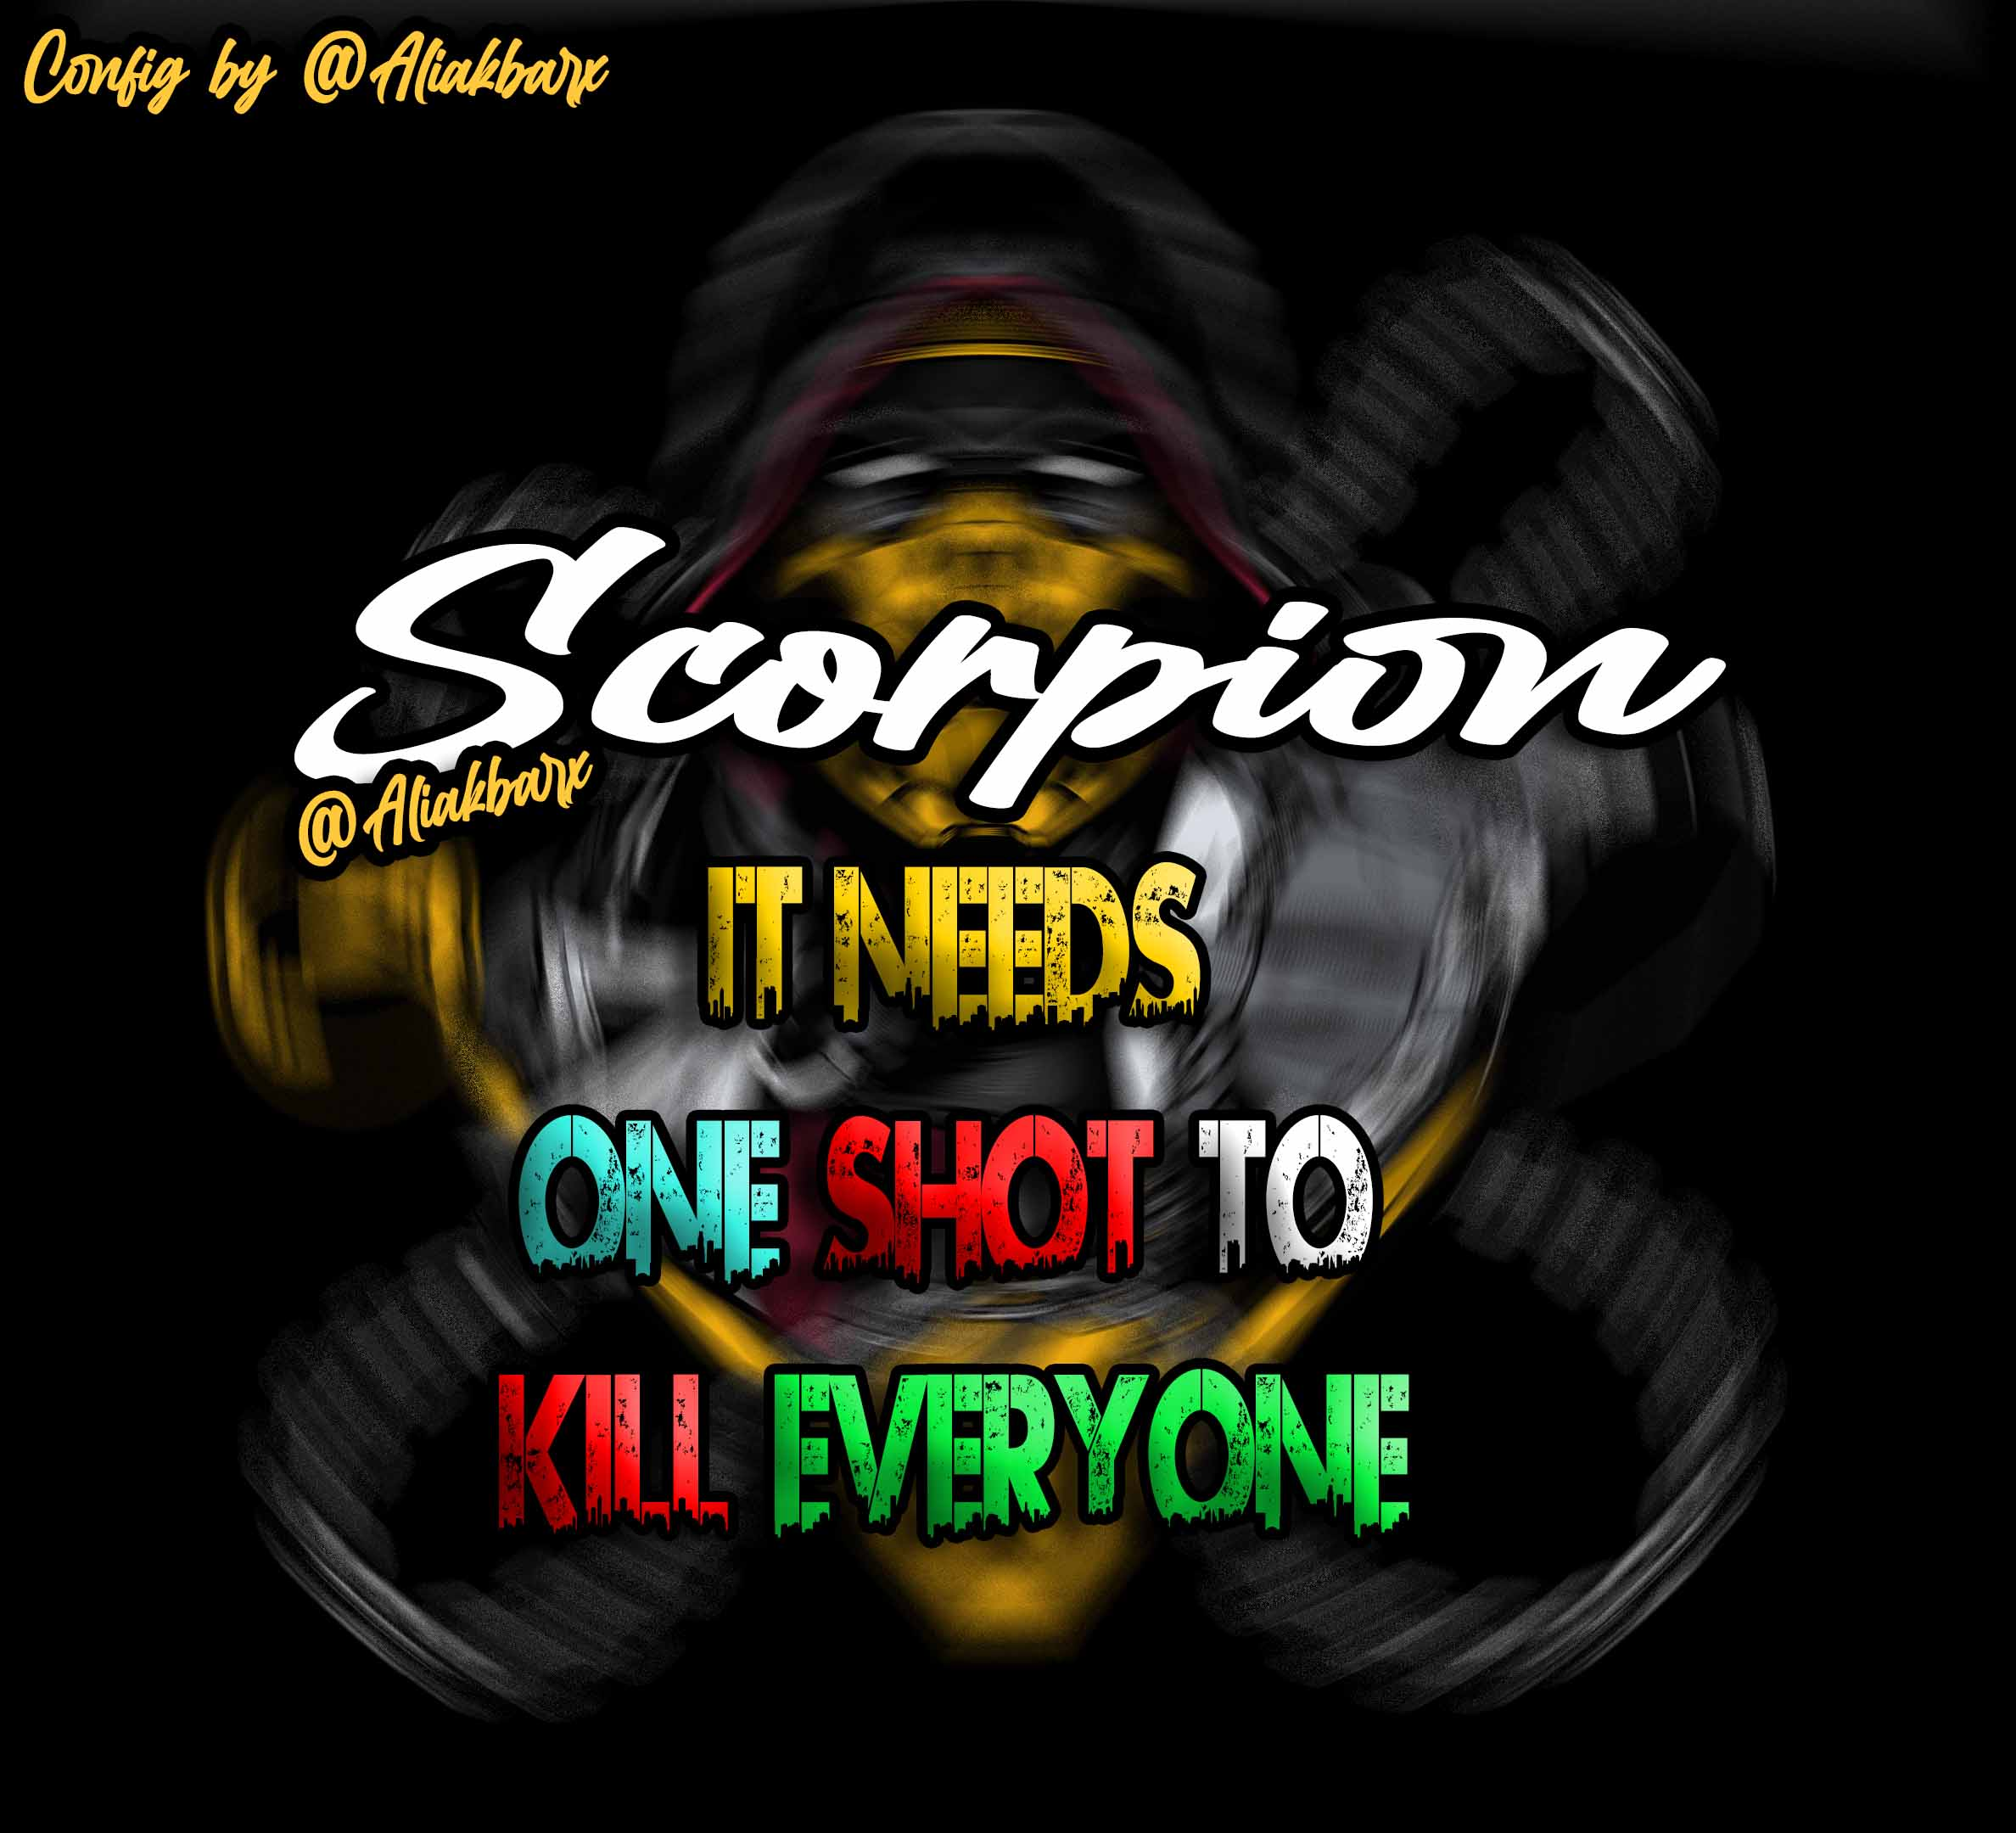 دانلود کانفیگ فول ایم Scorpion  - ( رایگان ! )